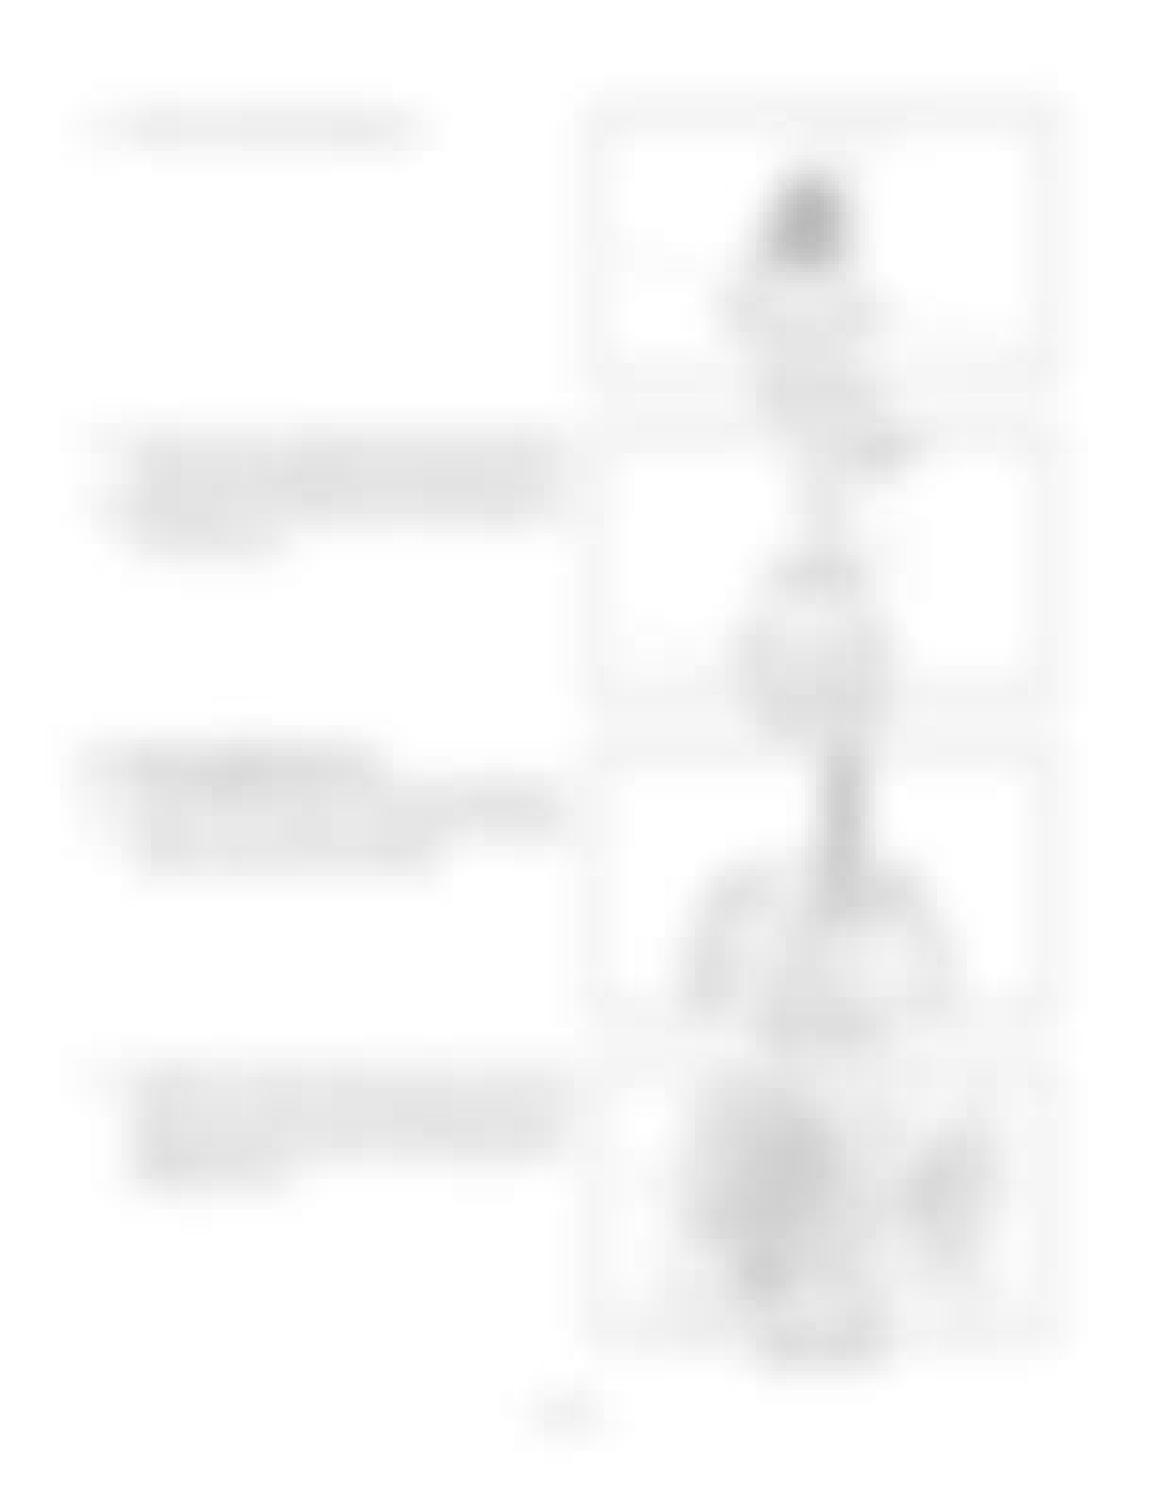 Hitachi LX110-7 LX130-7 LX160-7 LX190-7 LX230-7 Wheel Loader Workshop Manual - PDF DOWNLOAD page 228